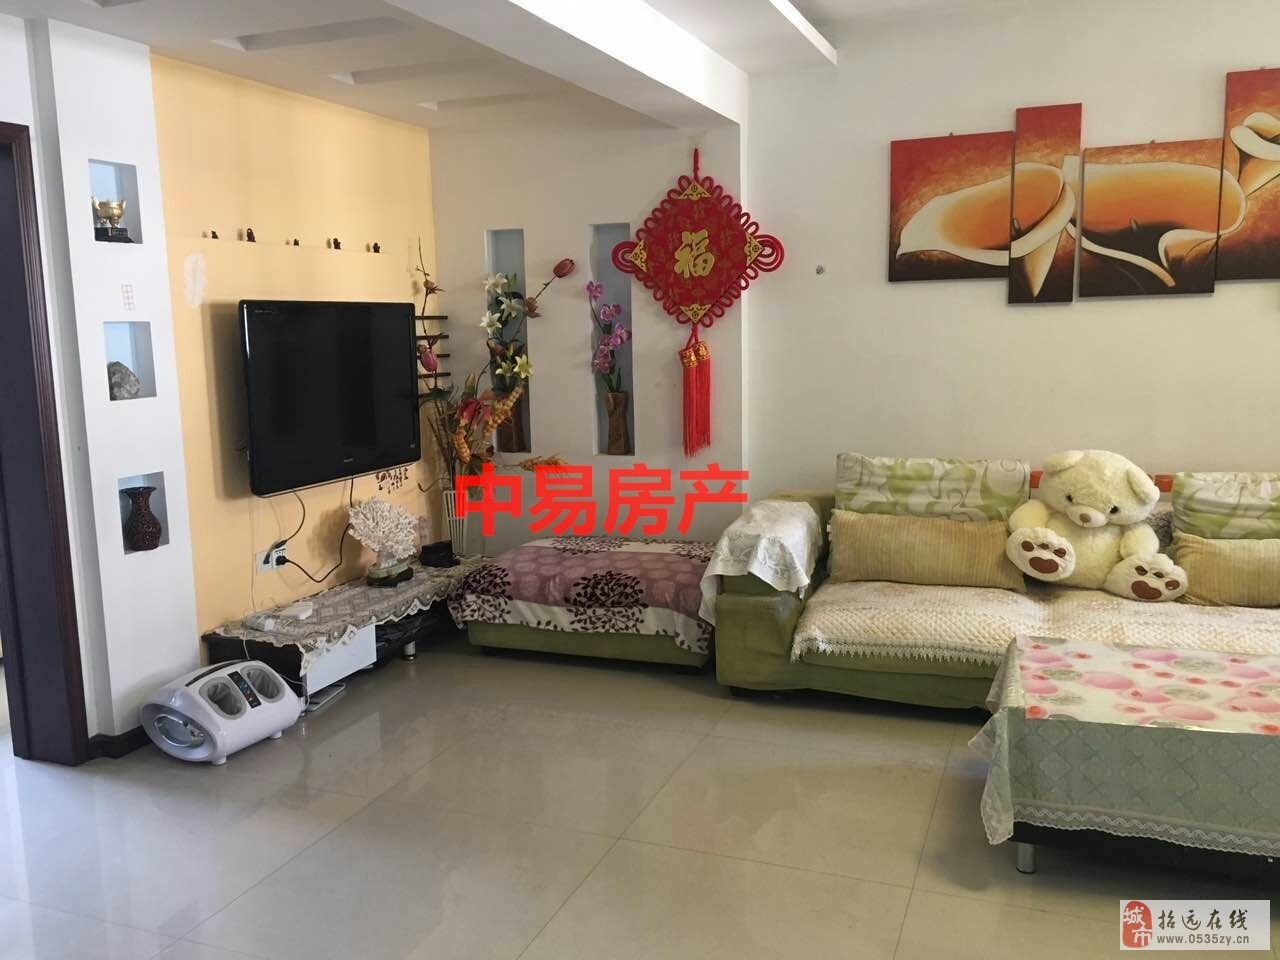 2593招远出售文化新村4楼103平带草屋62万元